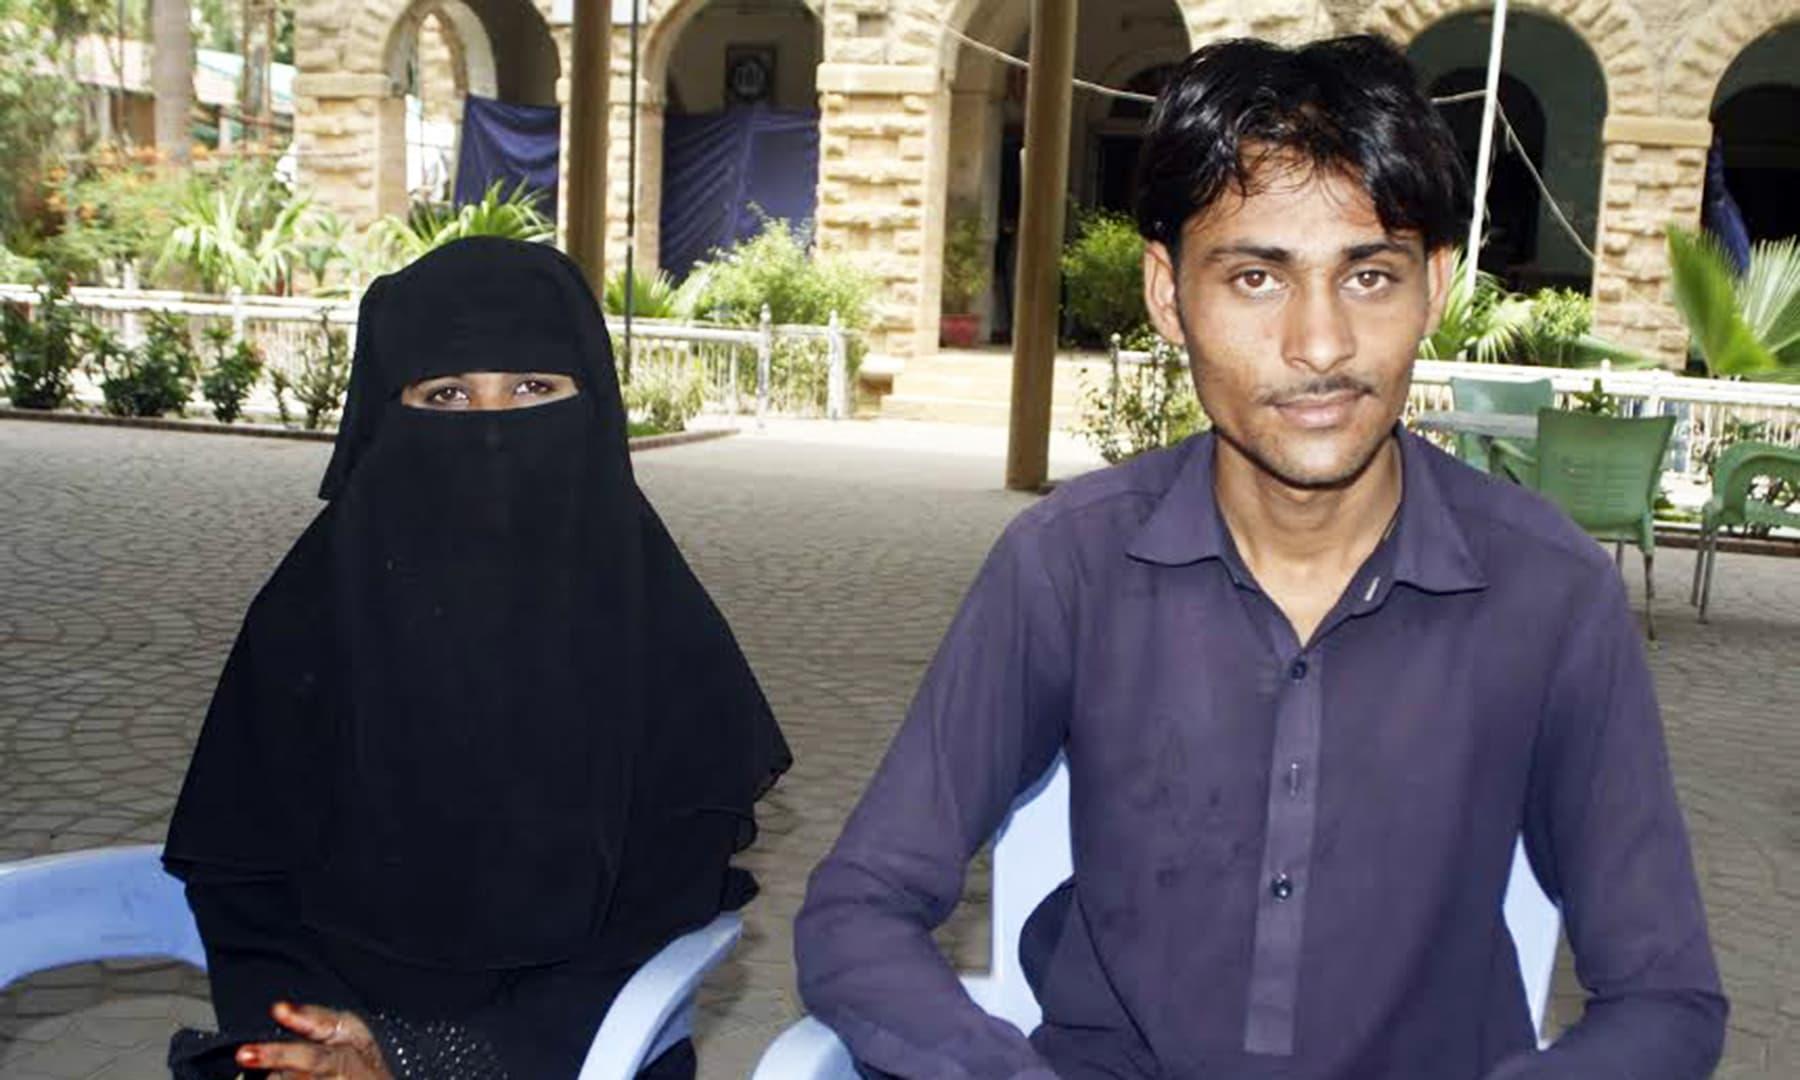 عمر (کرشن) اور رضیہ (رانی) — تصویر عمانوئیل گڈو